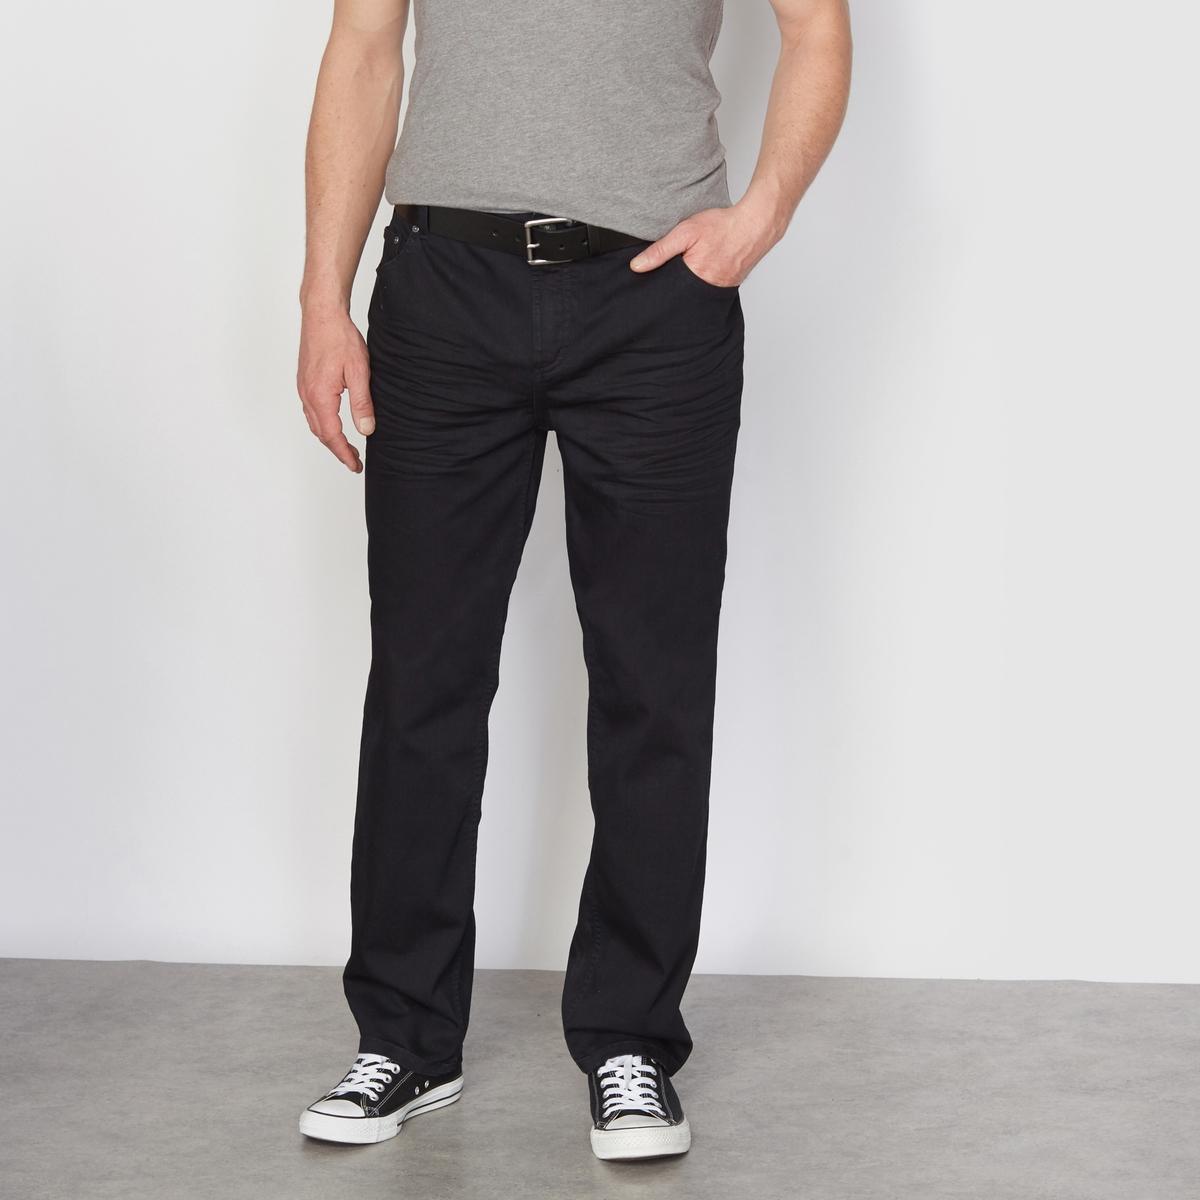 Джинсы из денима стретч черного цвета, средней степени эластичности джинсы расклешенного покроя из денима стретч